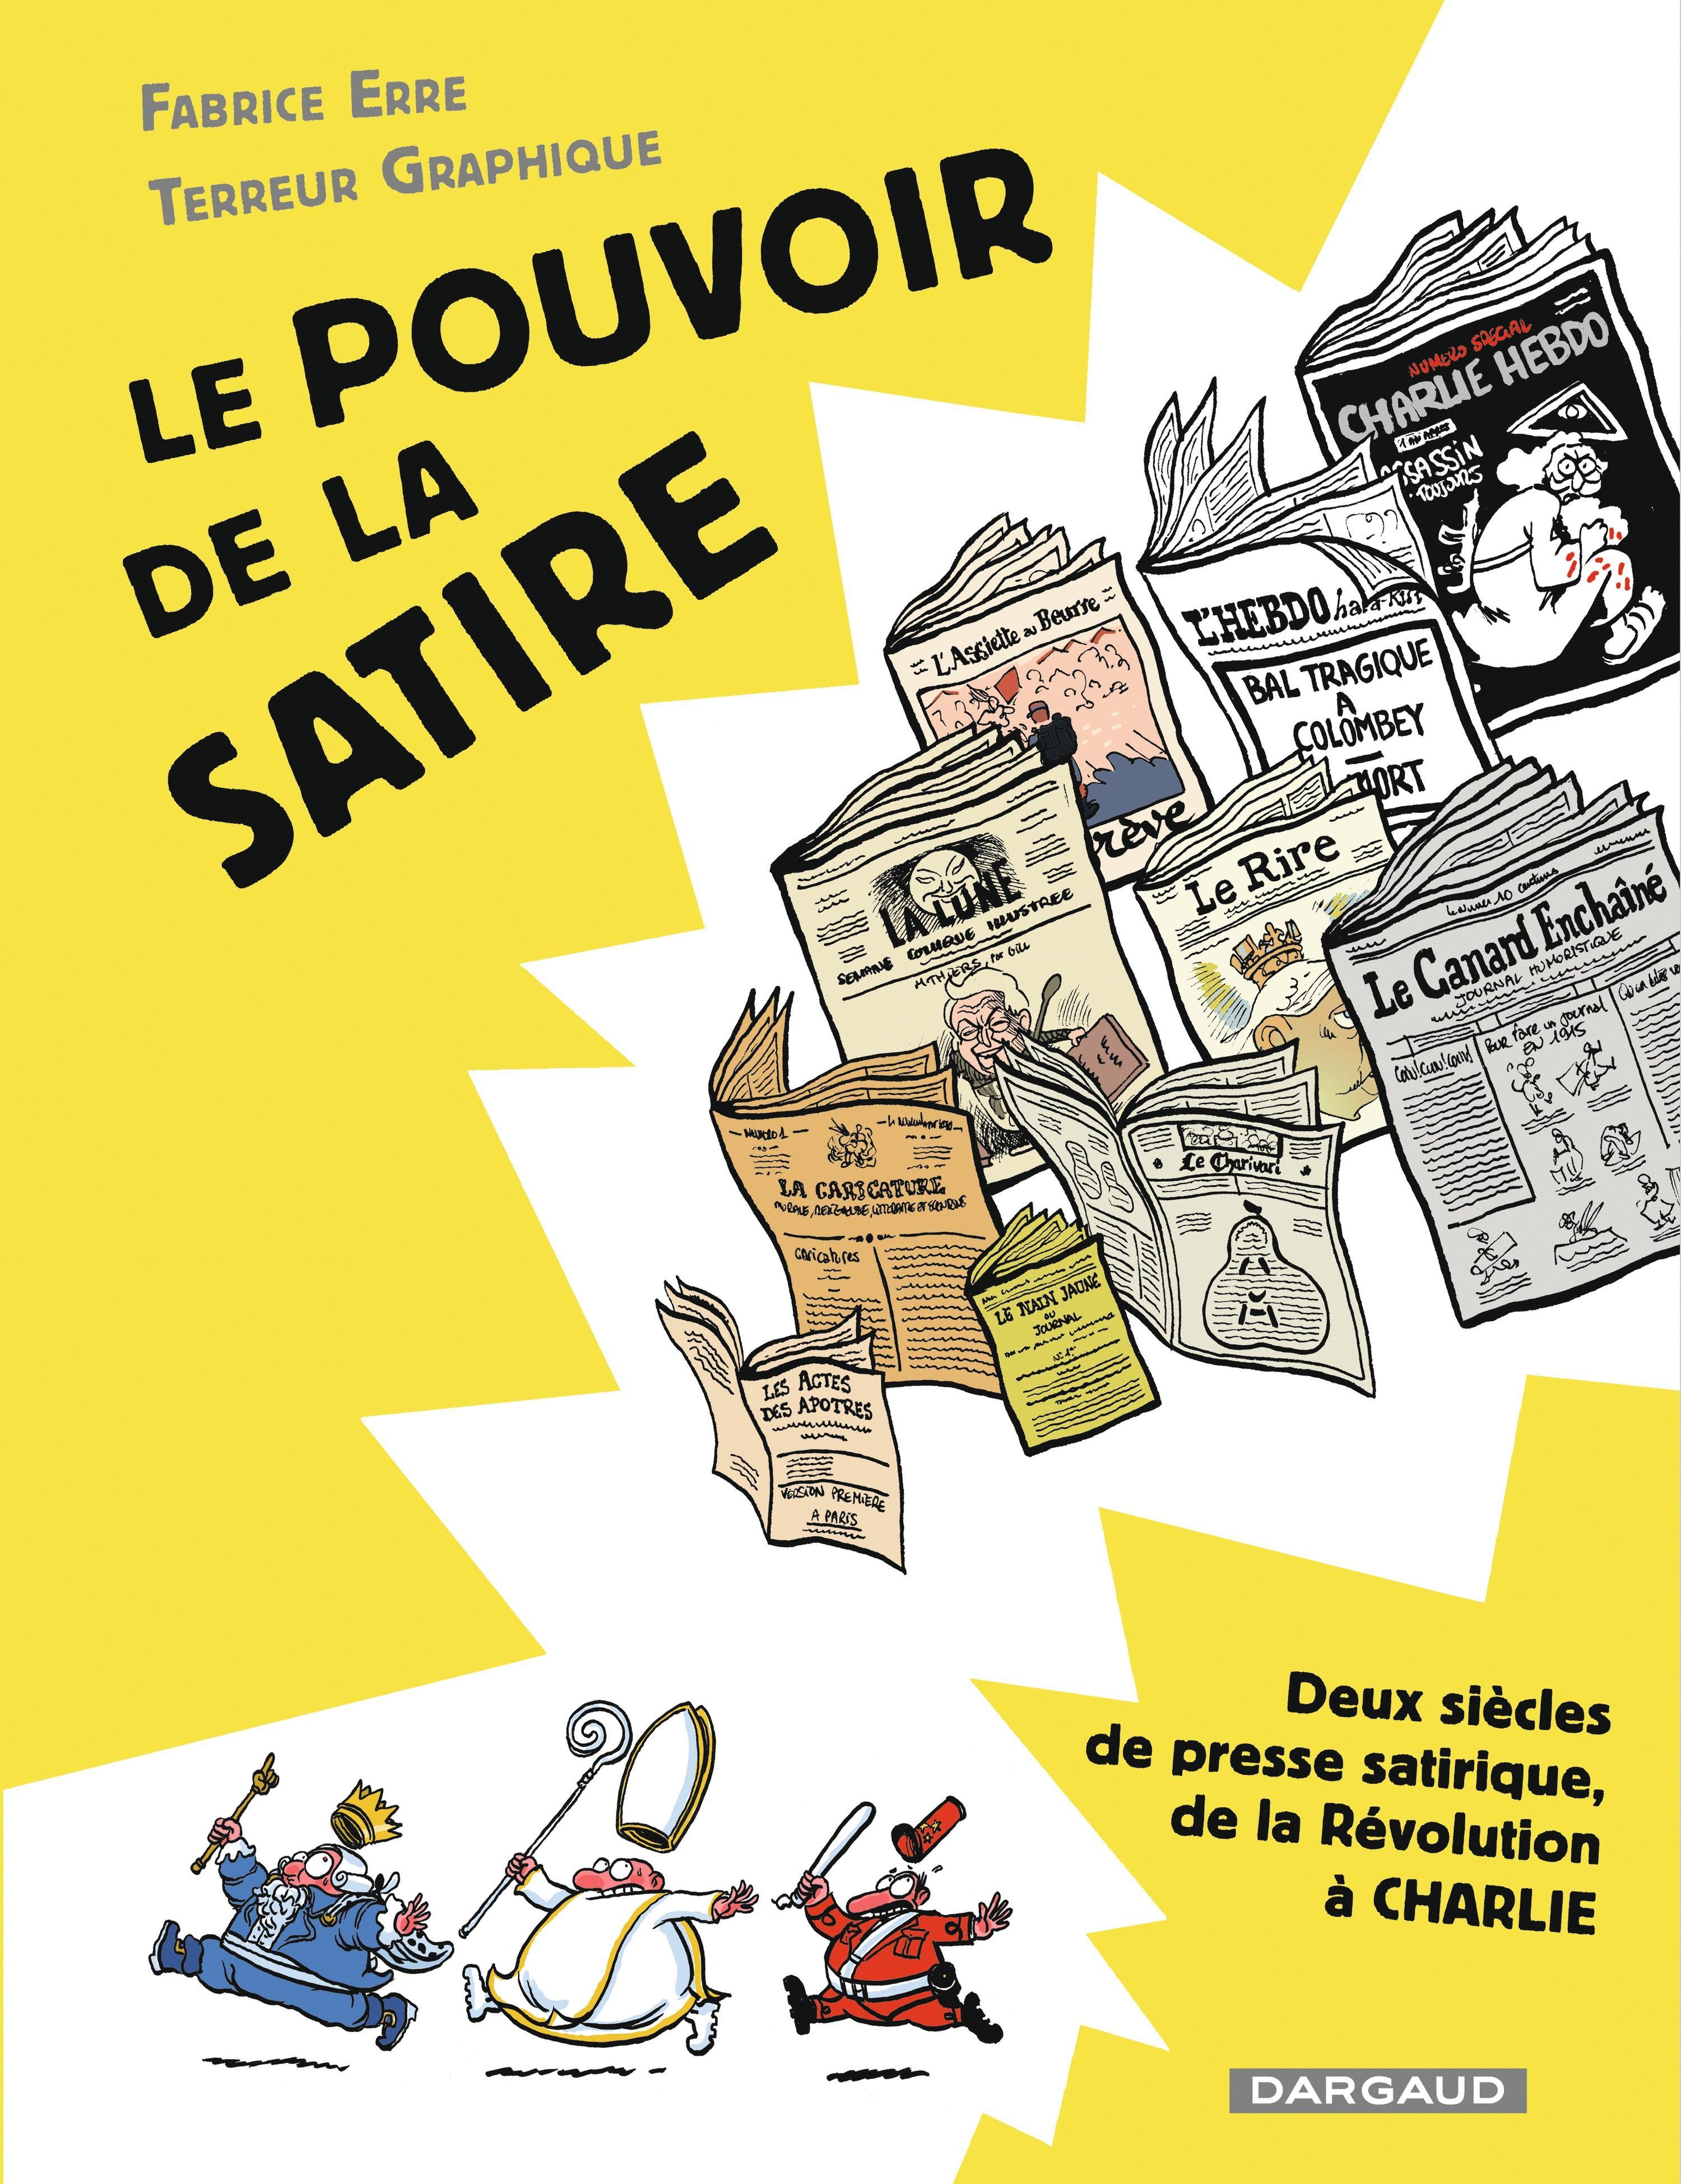 Fabrice Erre, Terreur Graphique, Le Pouvoir de la satire, 2018, Éditions Dargaud.